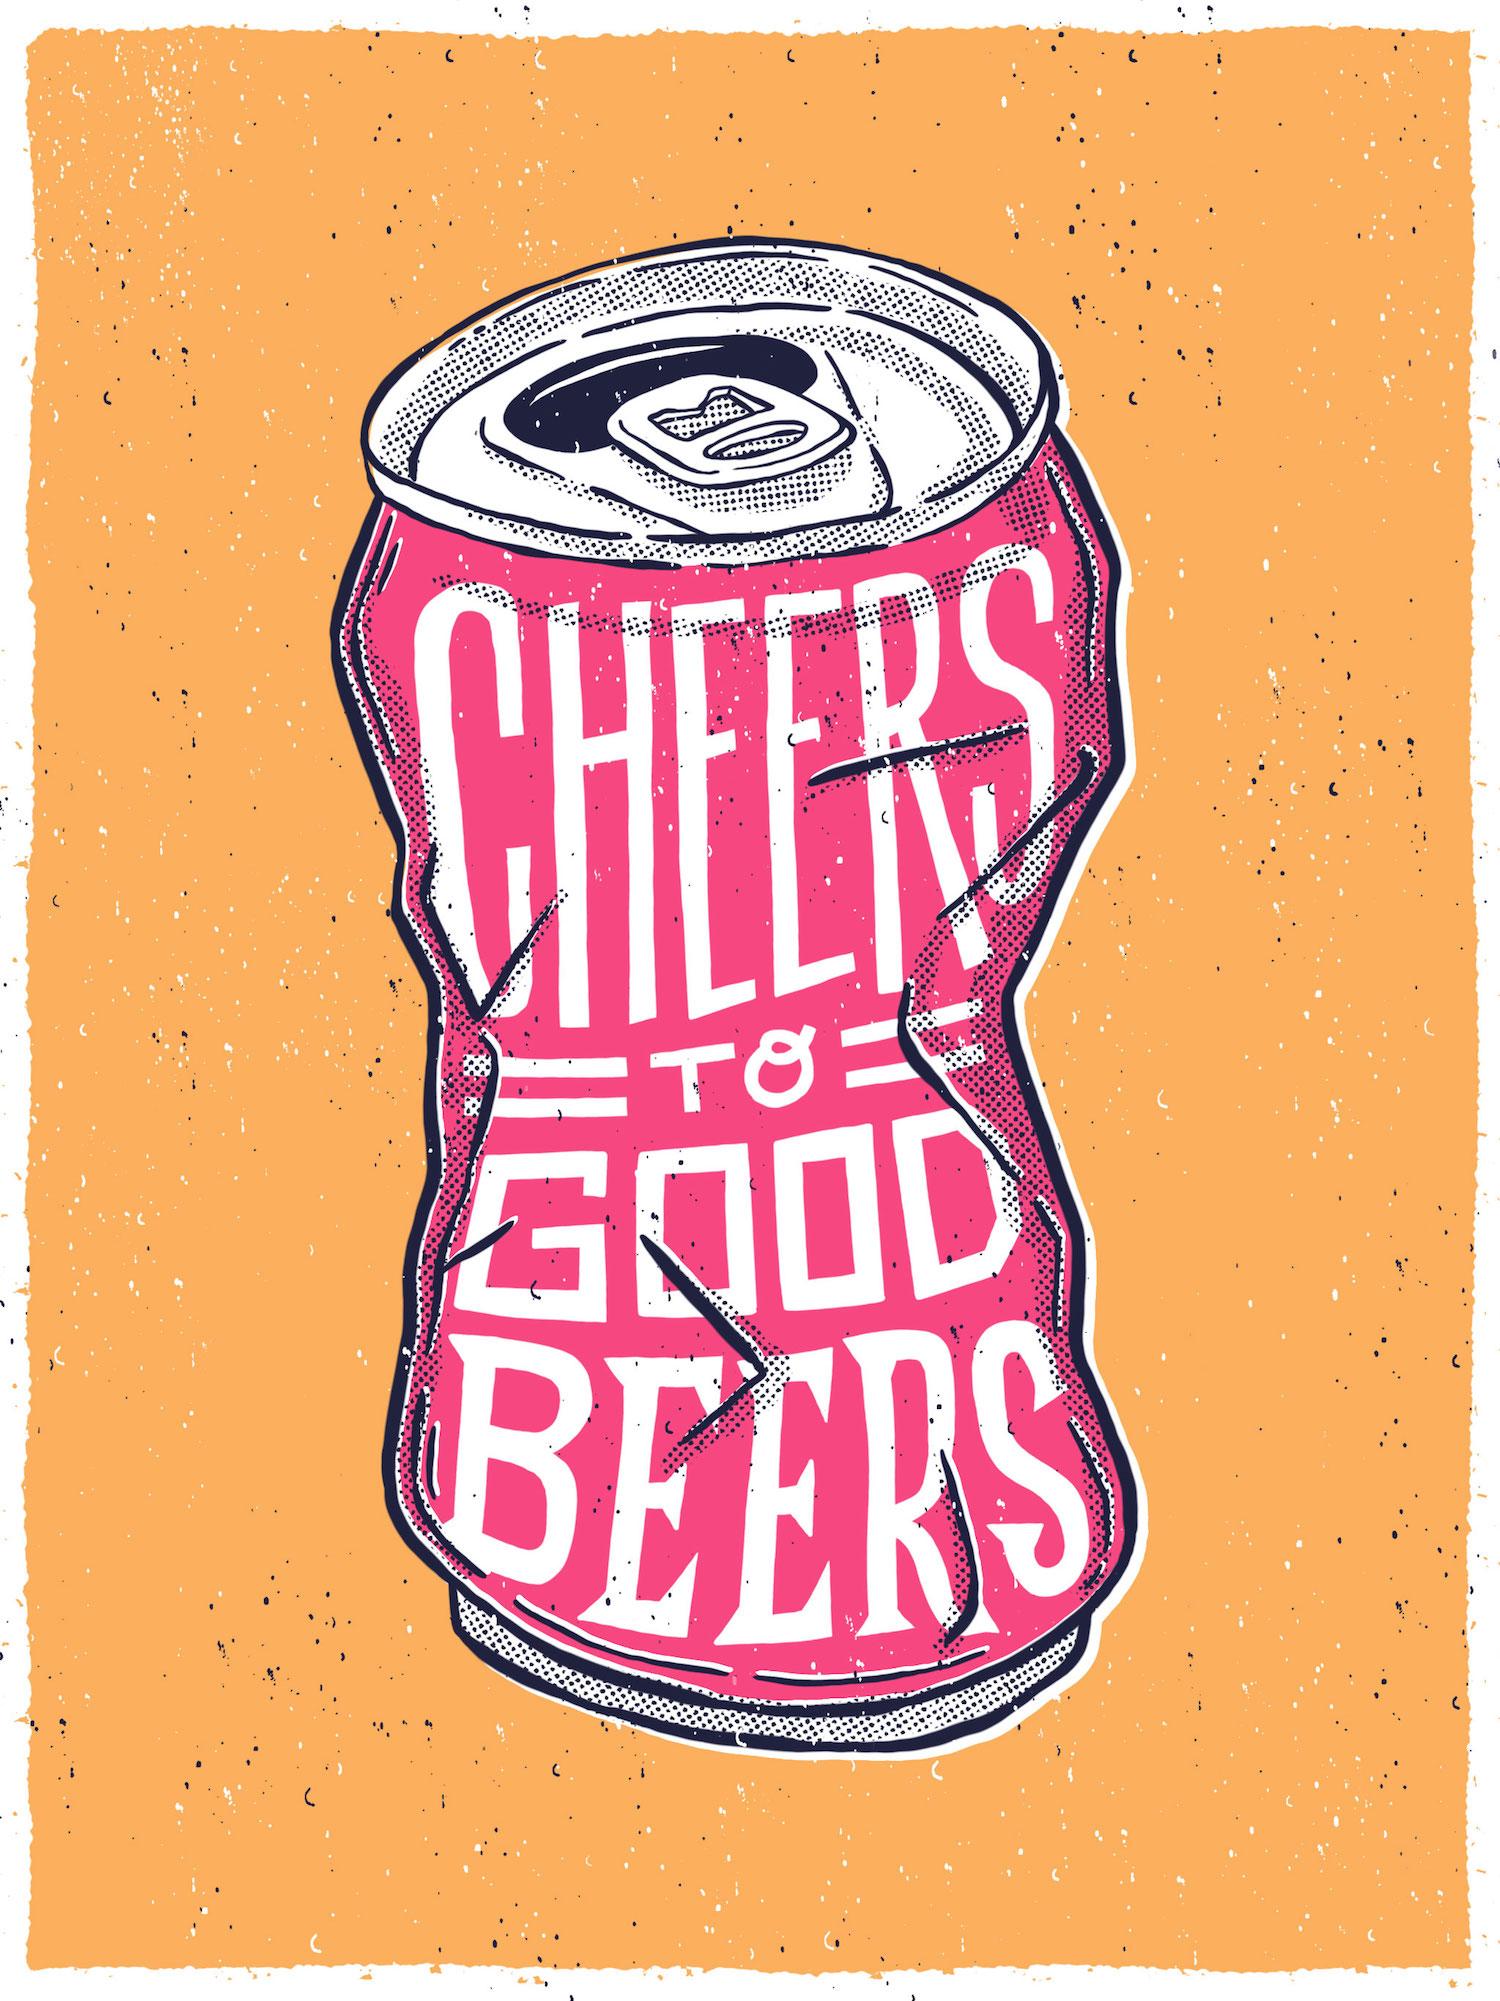 CheersToGoodBeers